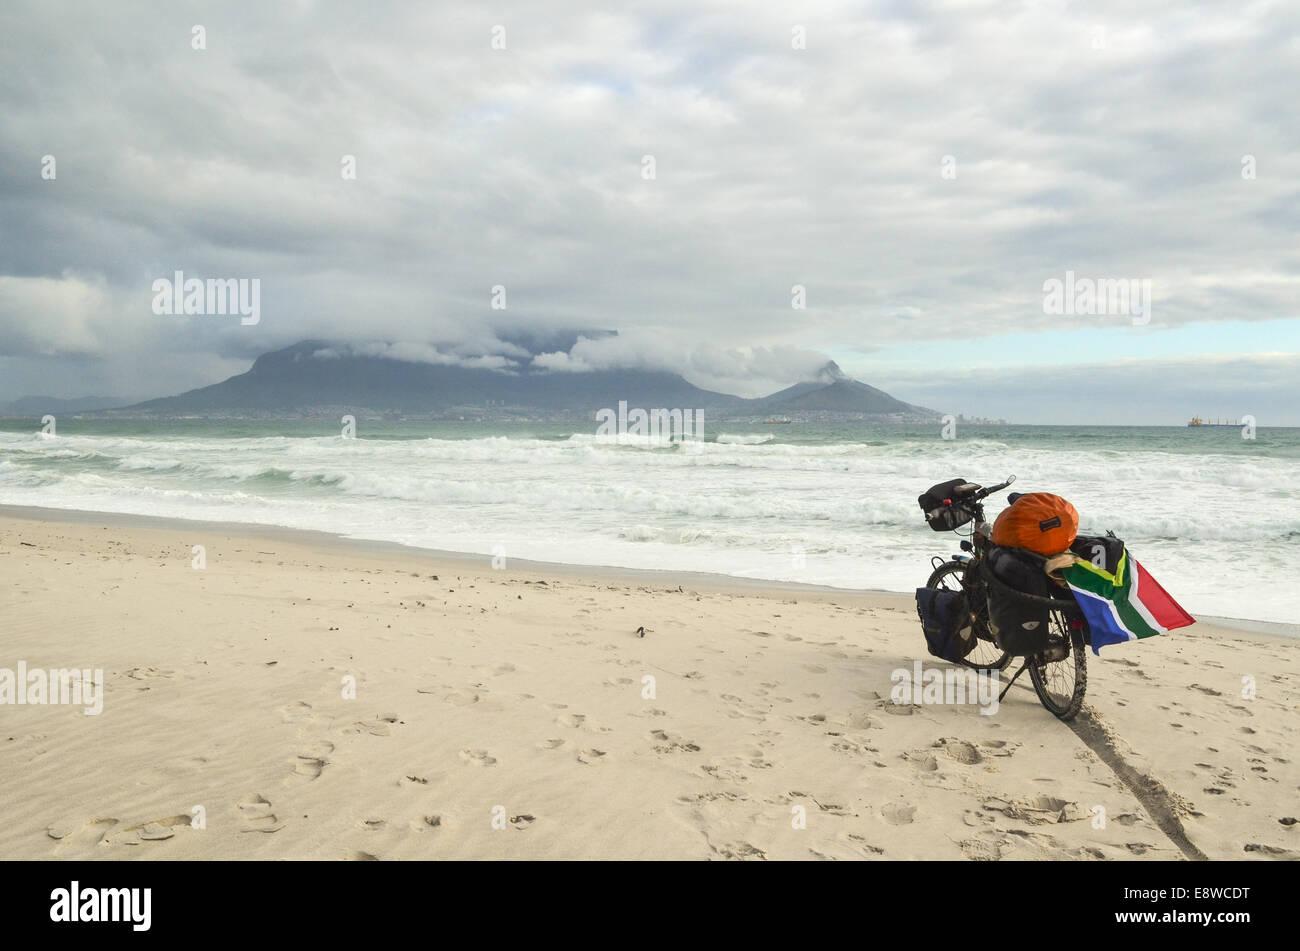 Cicloturismo en África, una bicicleta de touring en la playa en Cape Town, Sudáfrica, con cielos nublados, Imagen De Stock